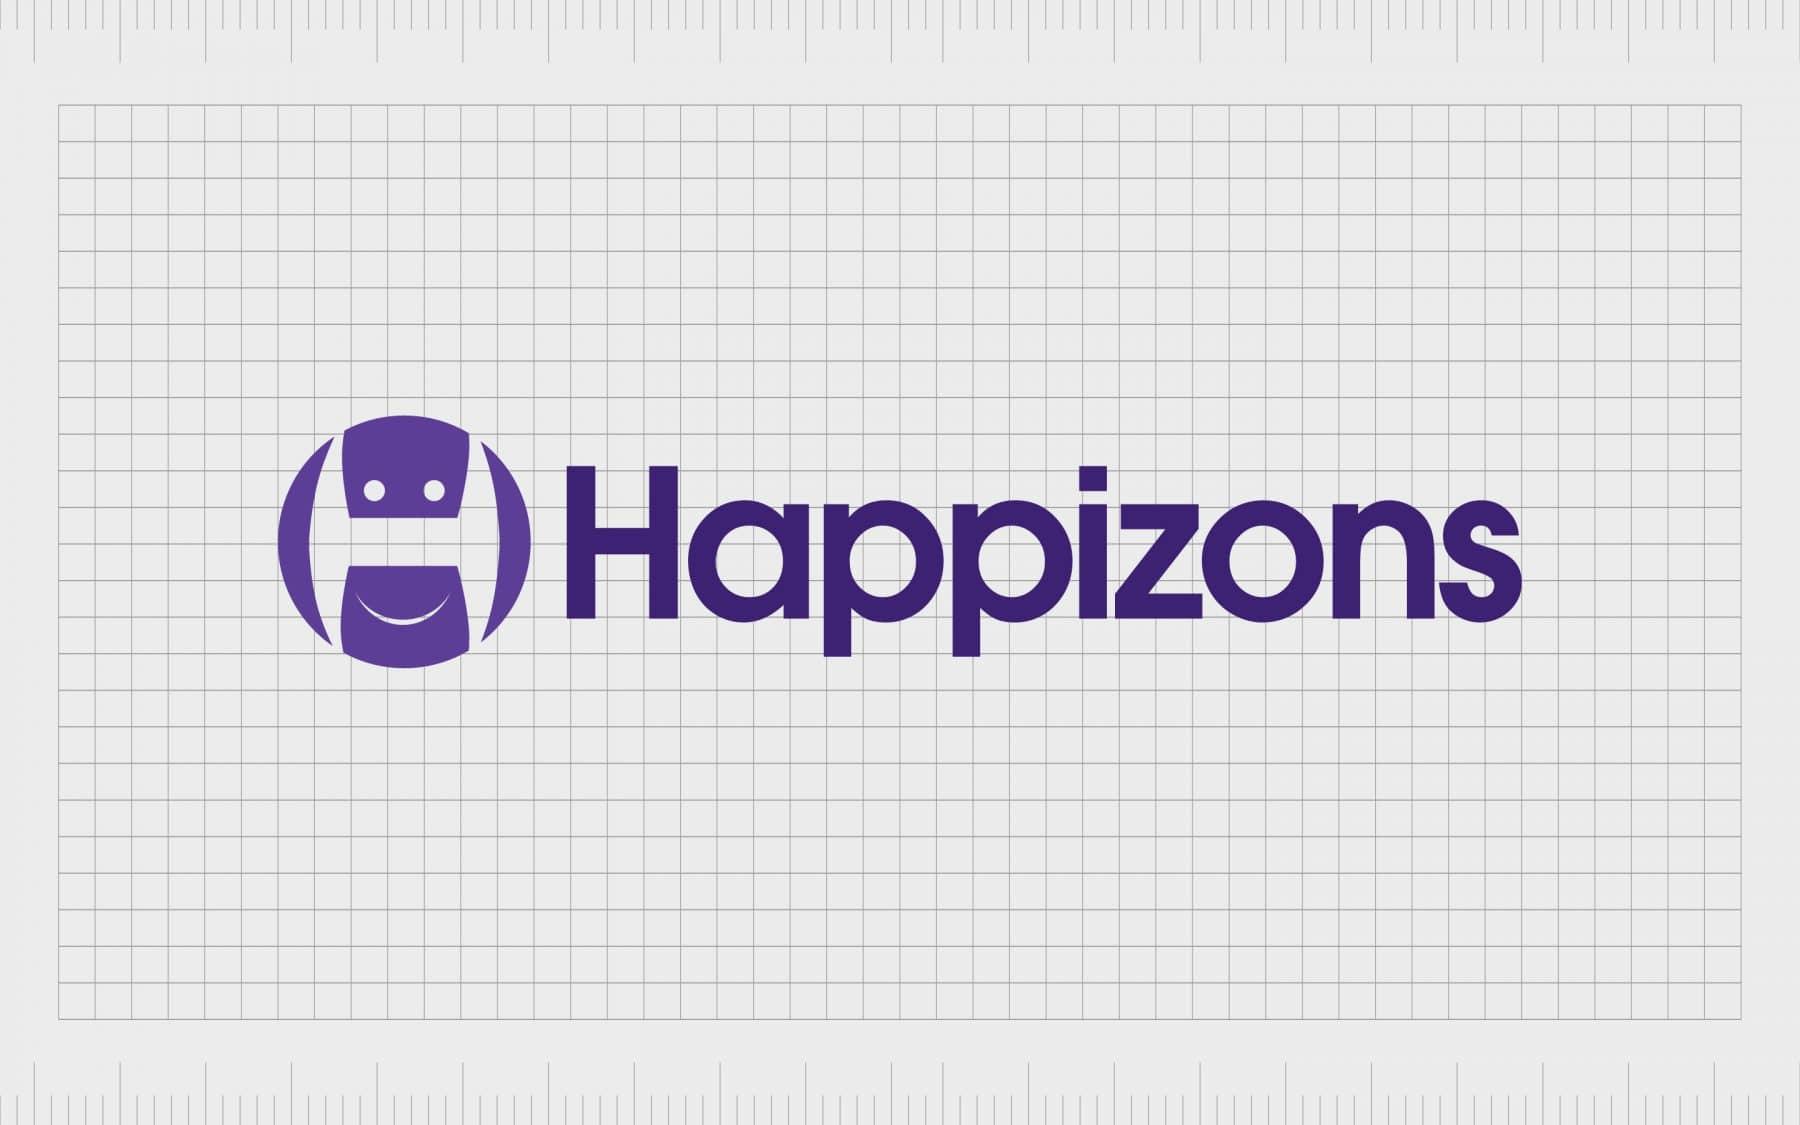 Happizons